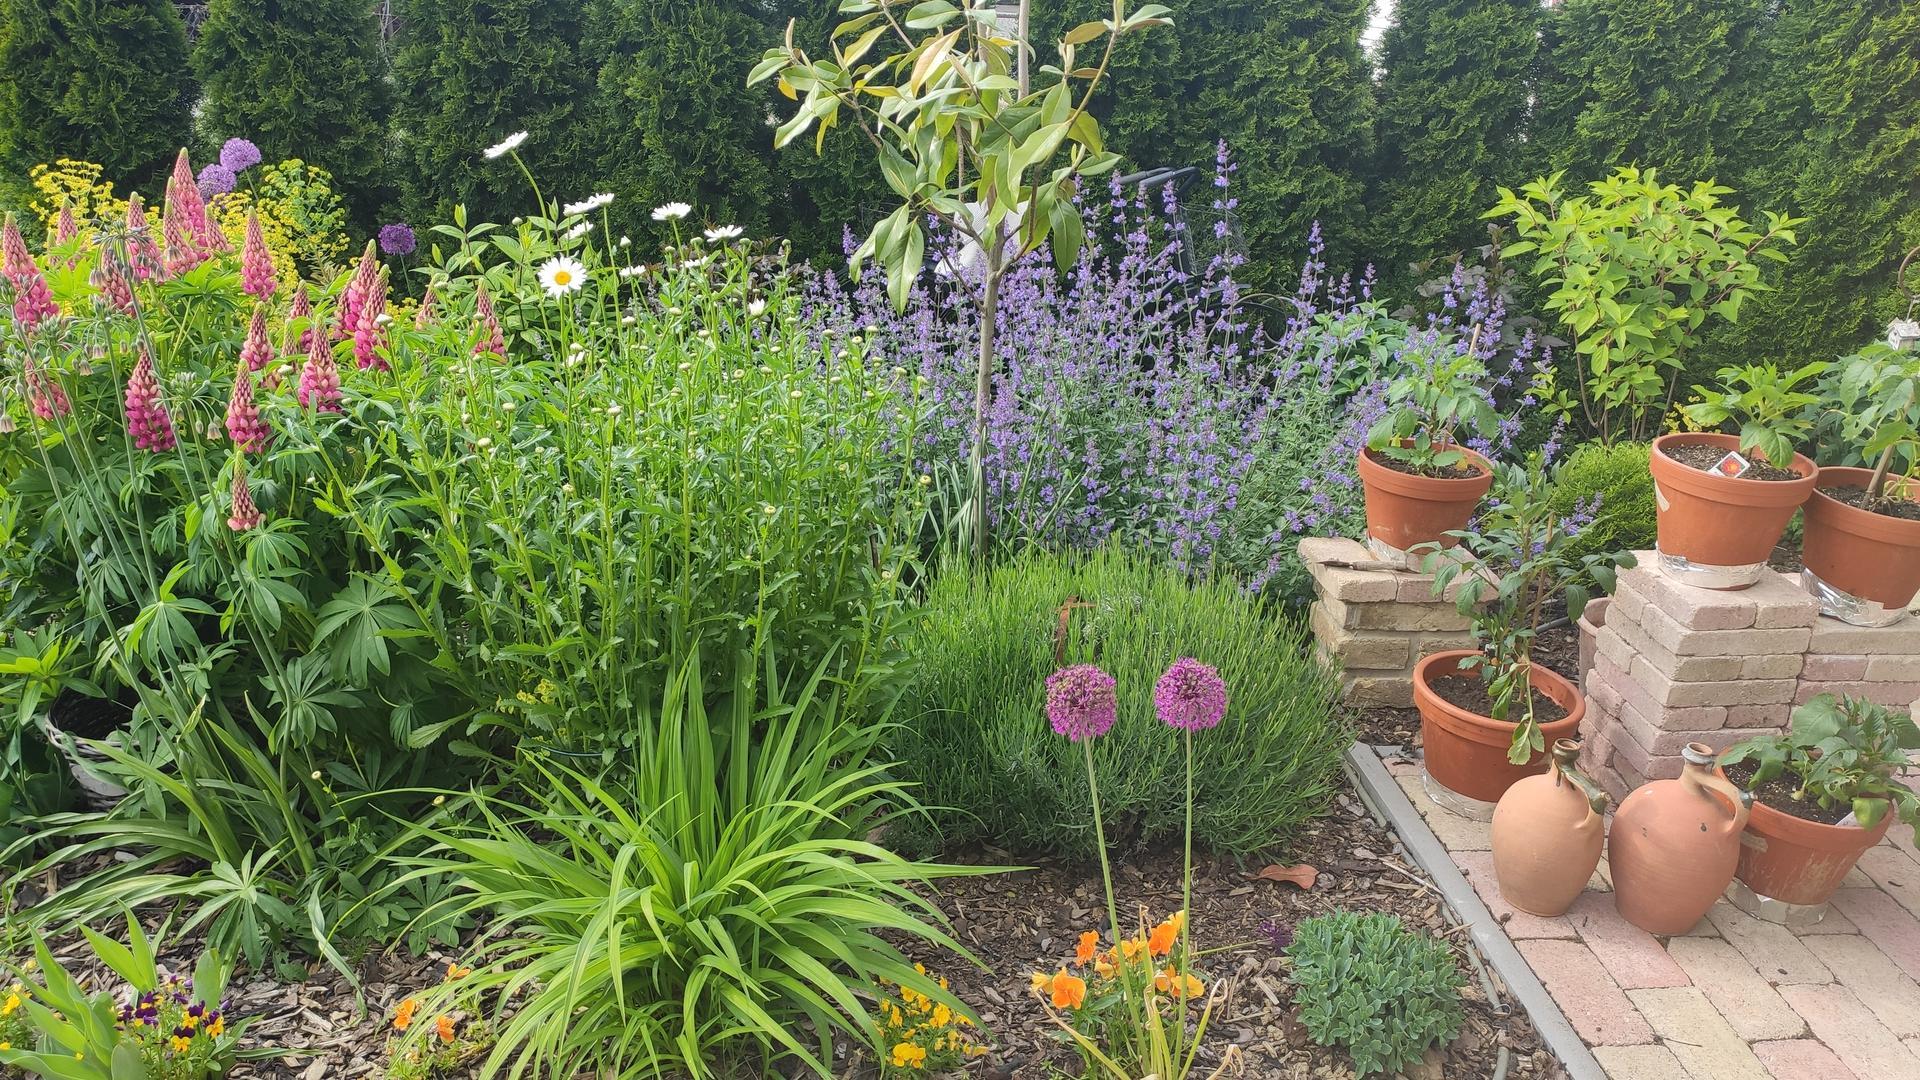 záhrada vidiecka, farebná rok 2021 - Obrázok č. 86